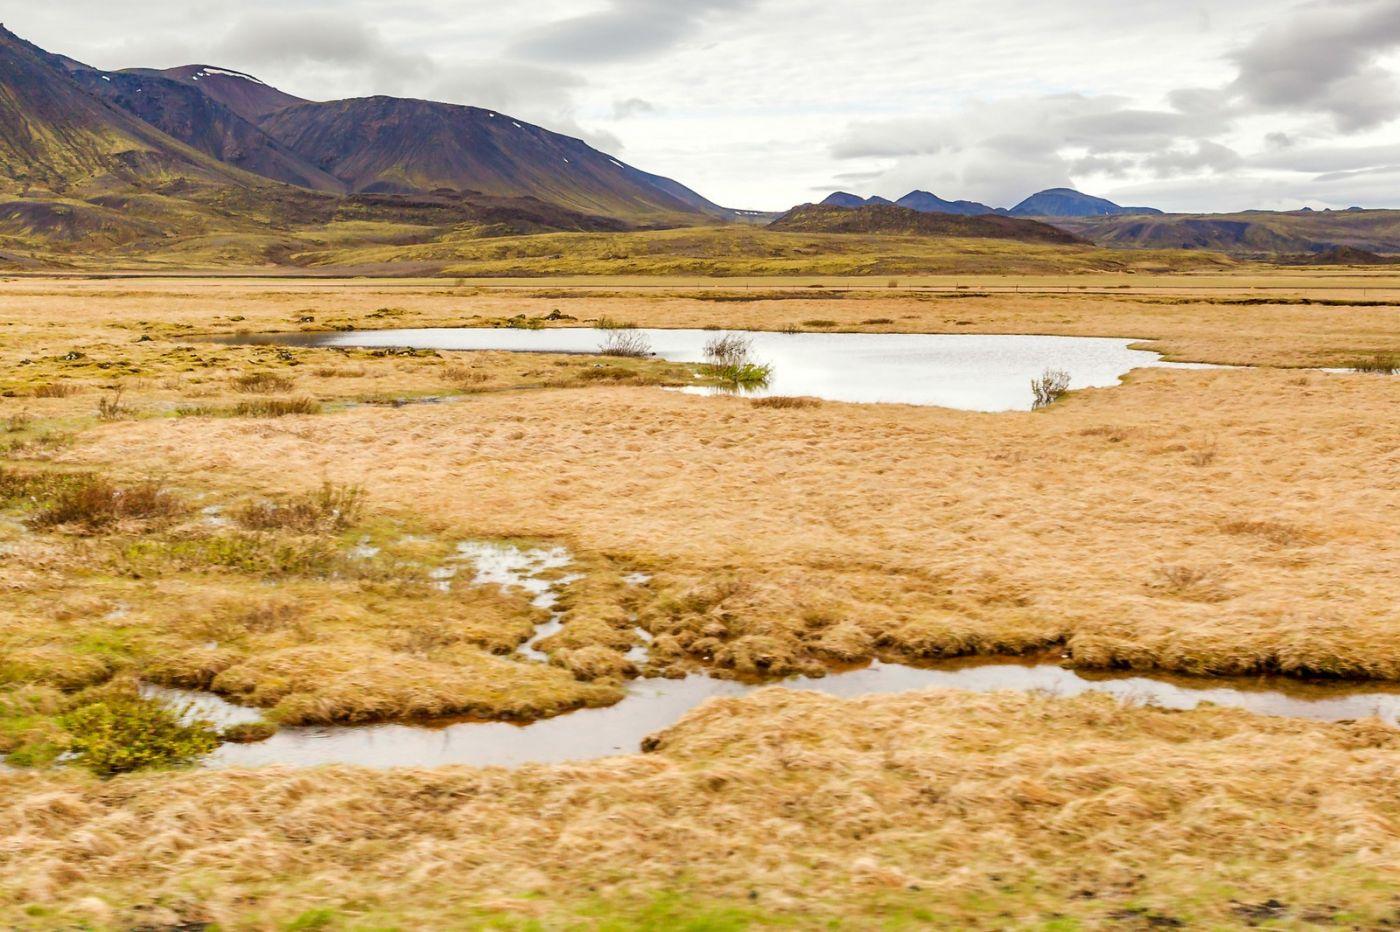 冰岛风采,奇山怪石_图1-41